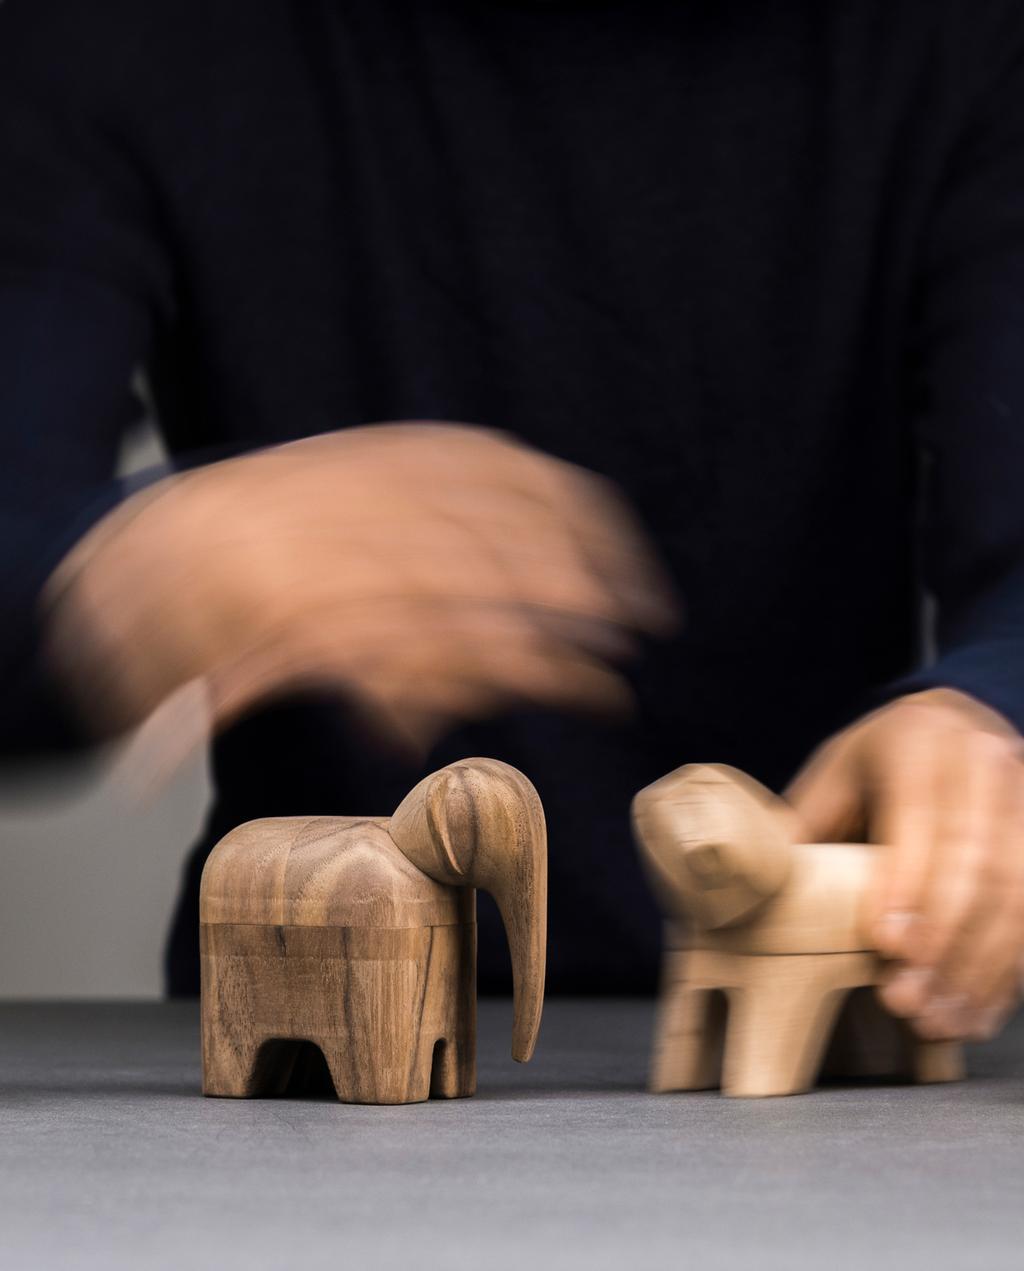 vtwonen blog | blog StudentDesign design voor op je verlanglijstje Benedikt Trojer olifant hout